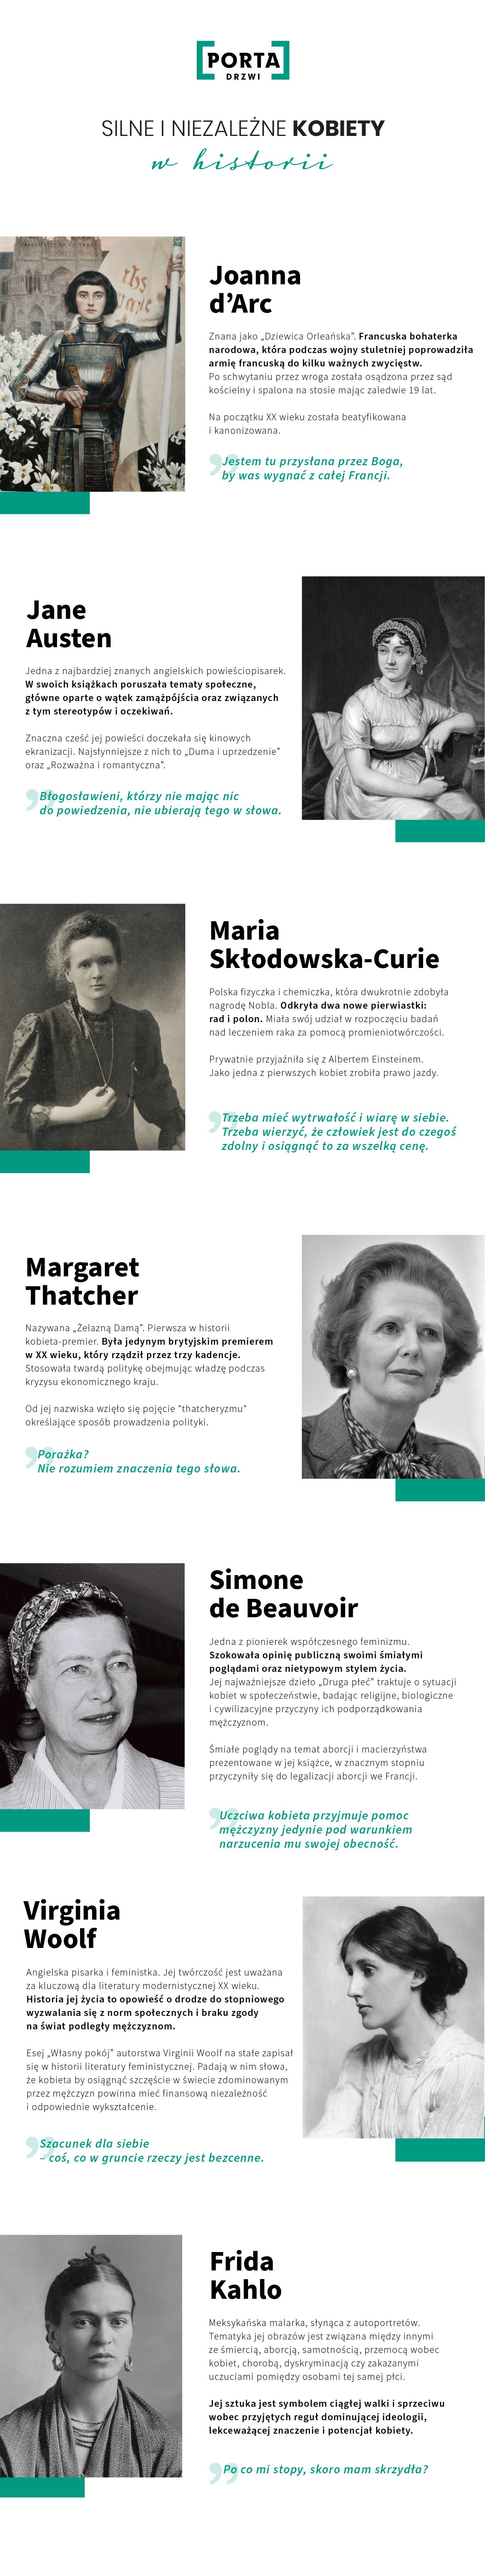 Porta_infografika_niezależne_kobiety